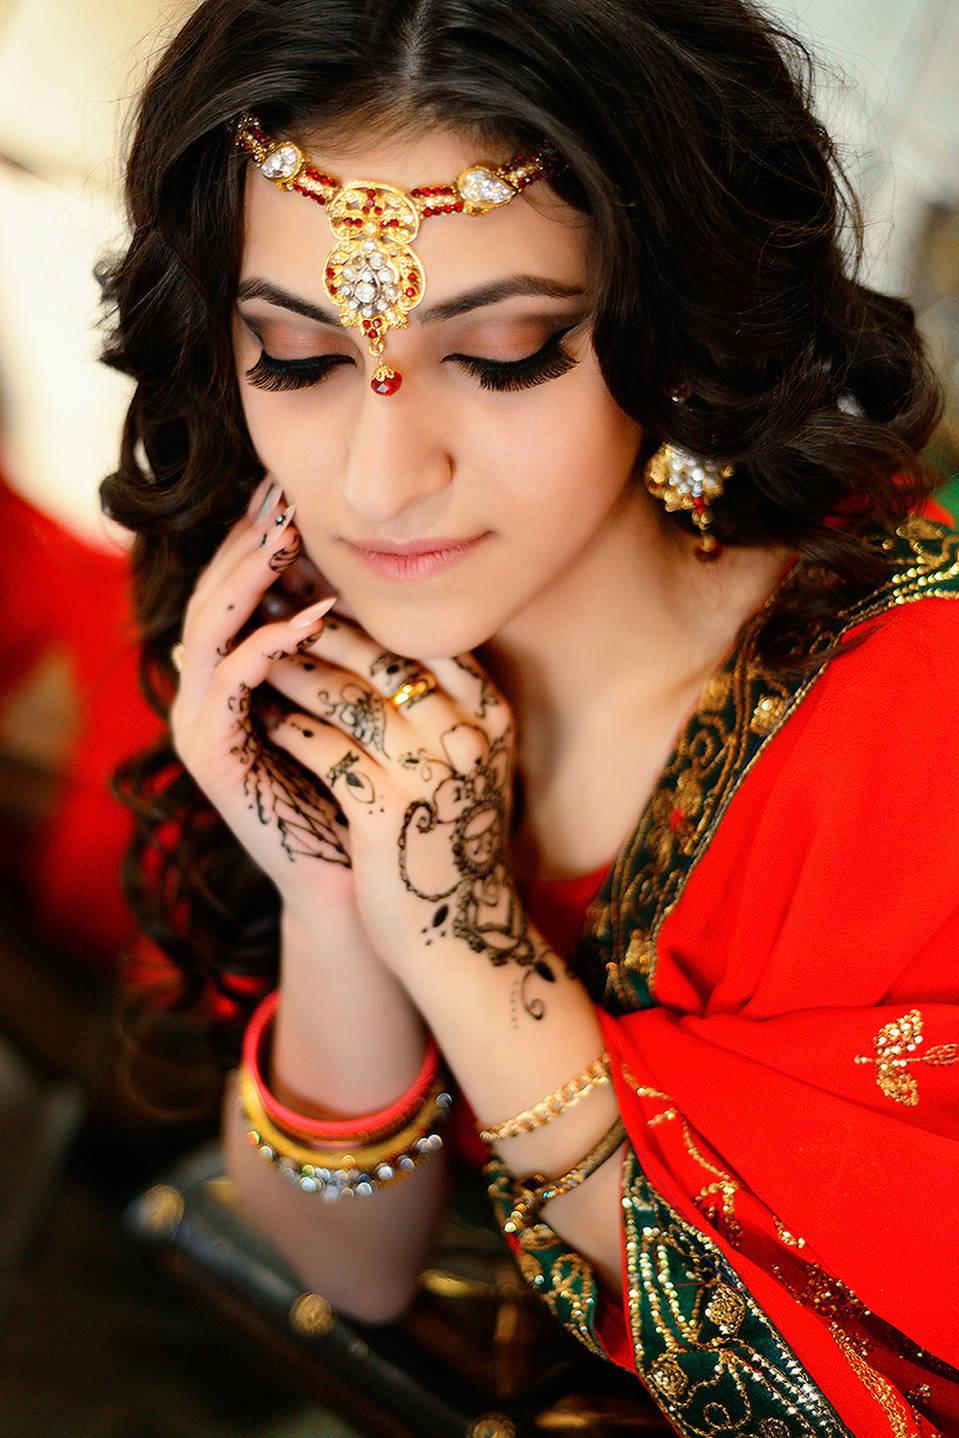 красивую образ индианки для фотосессии внимание